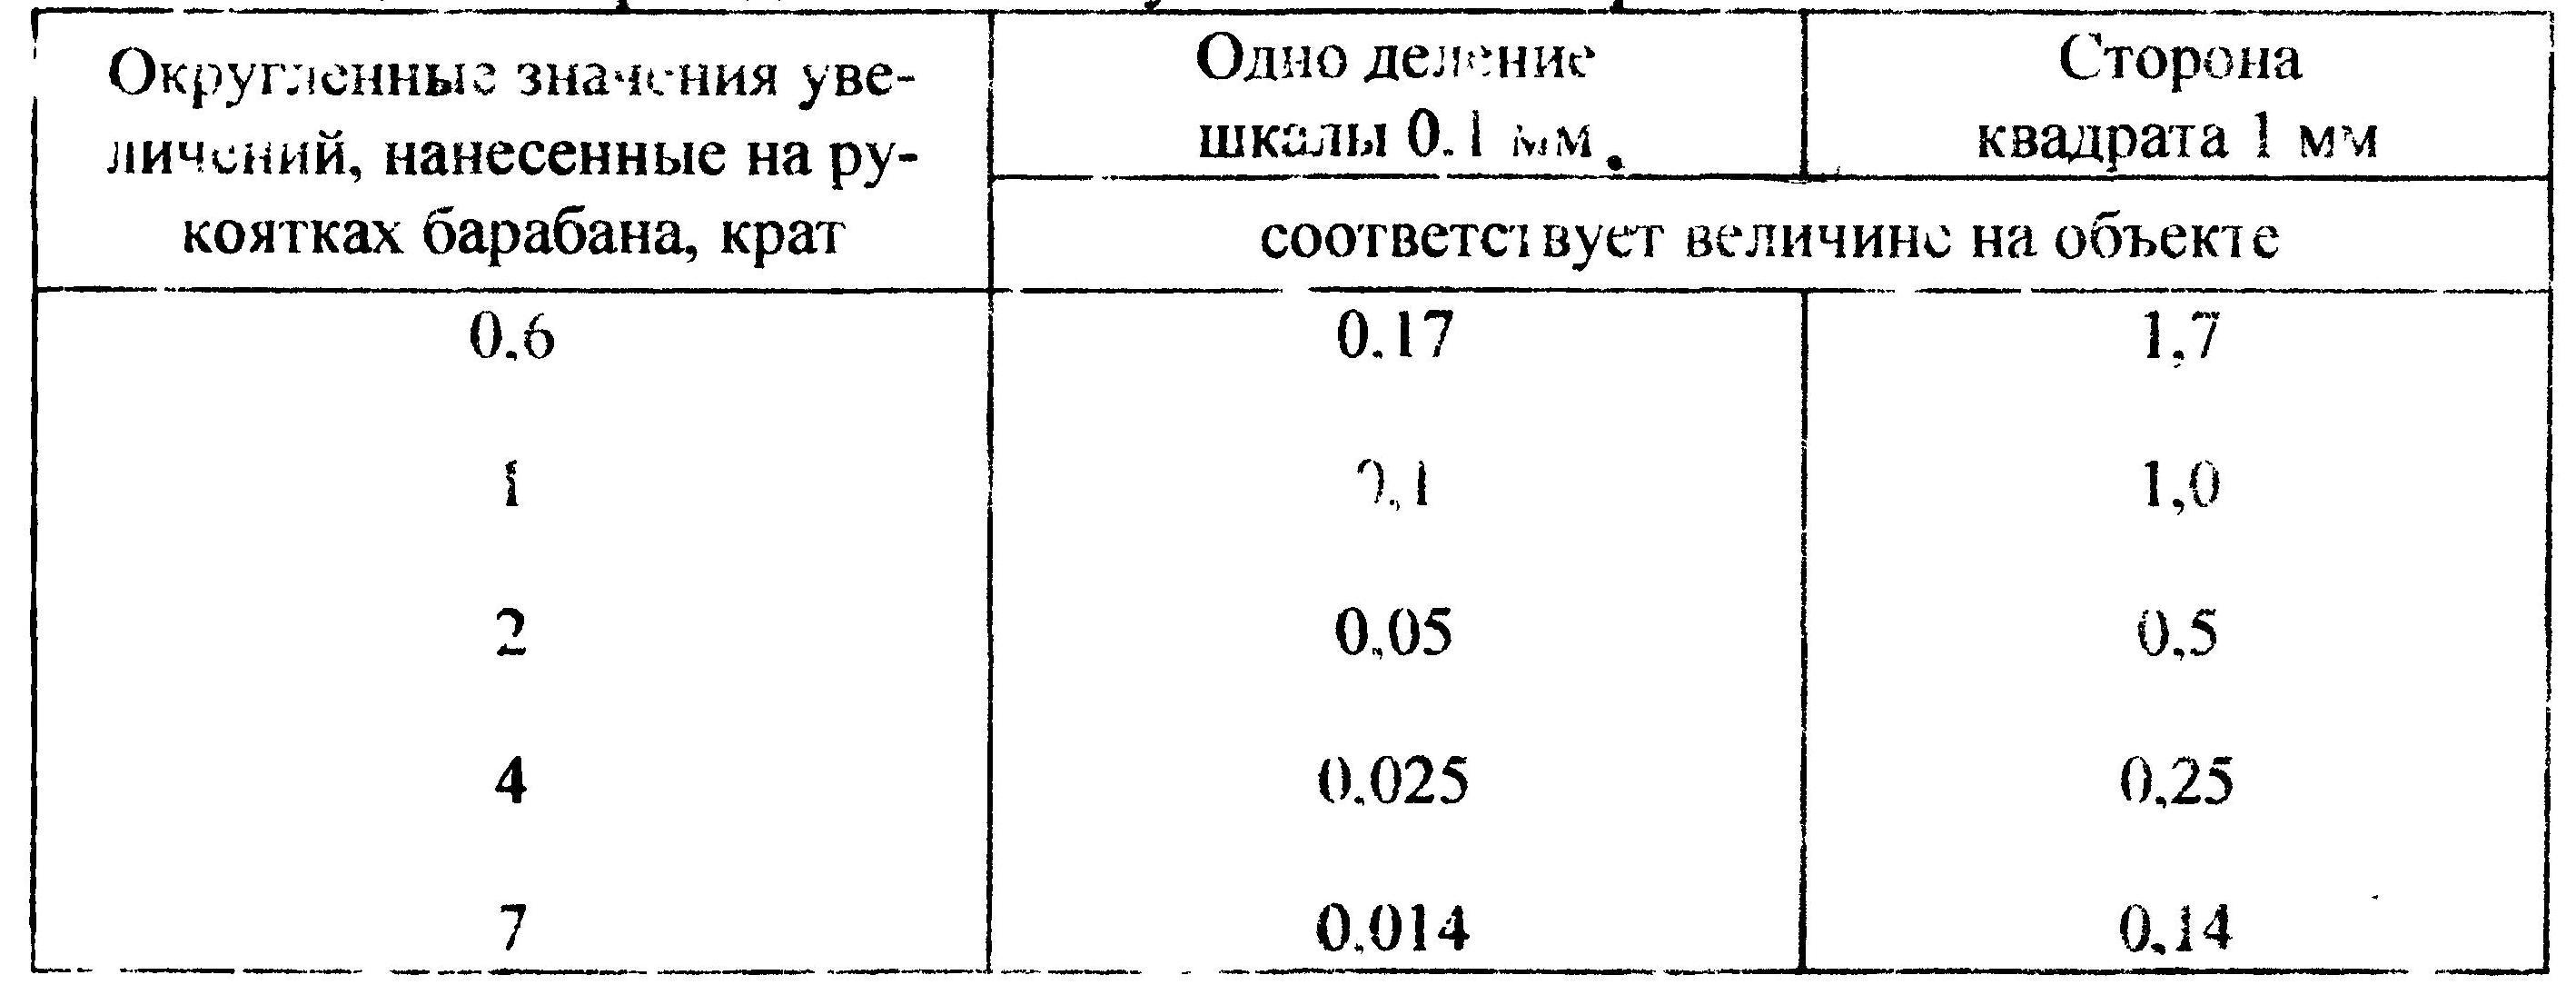 мбс-10 рис. 4